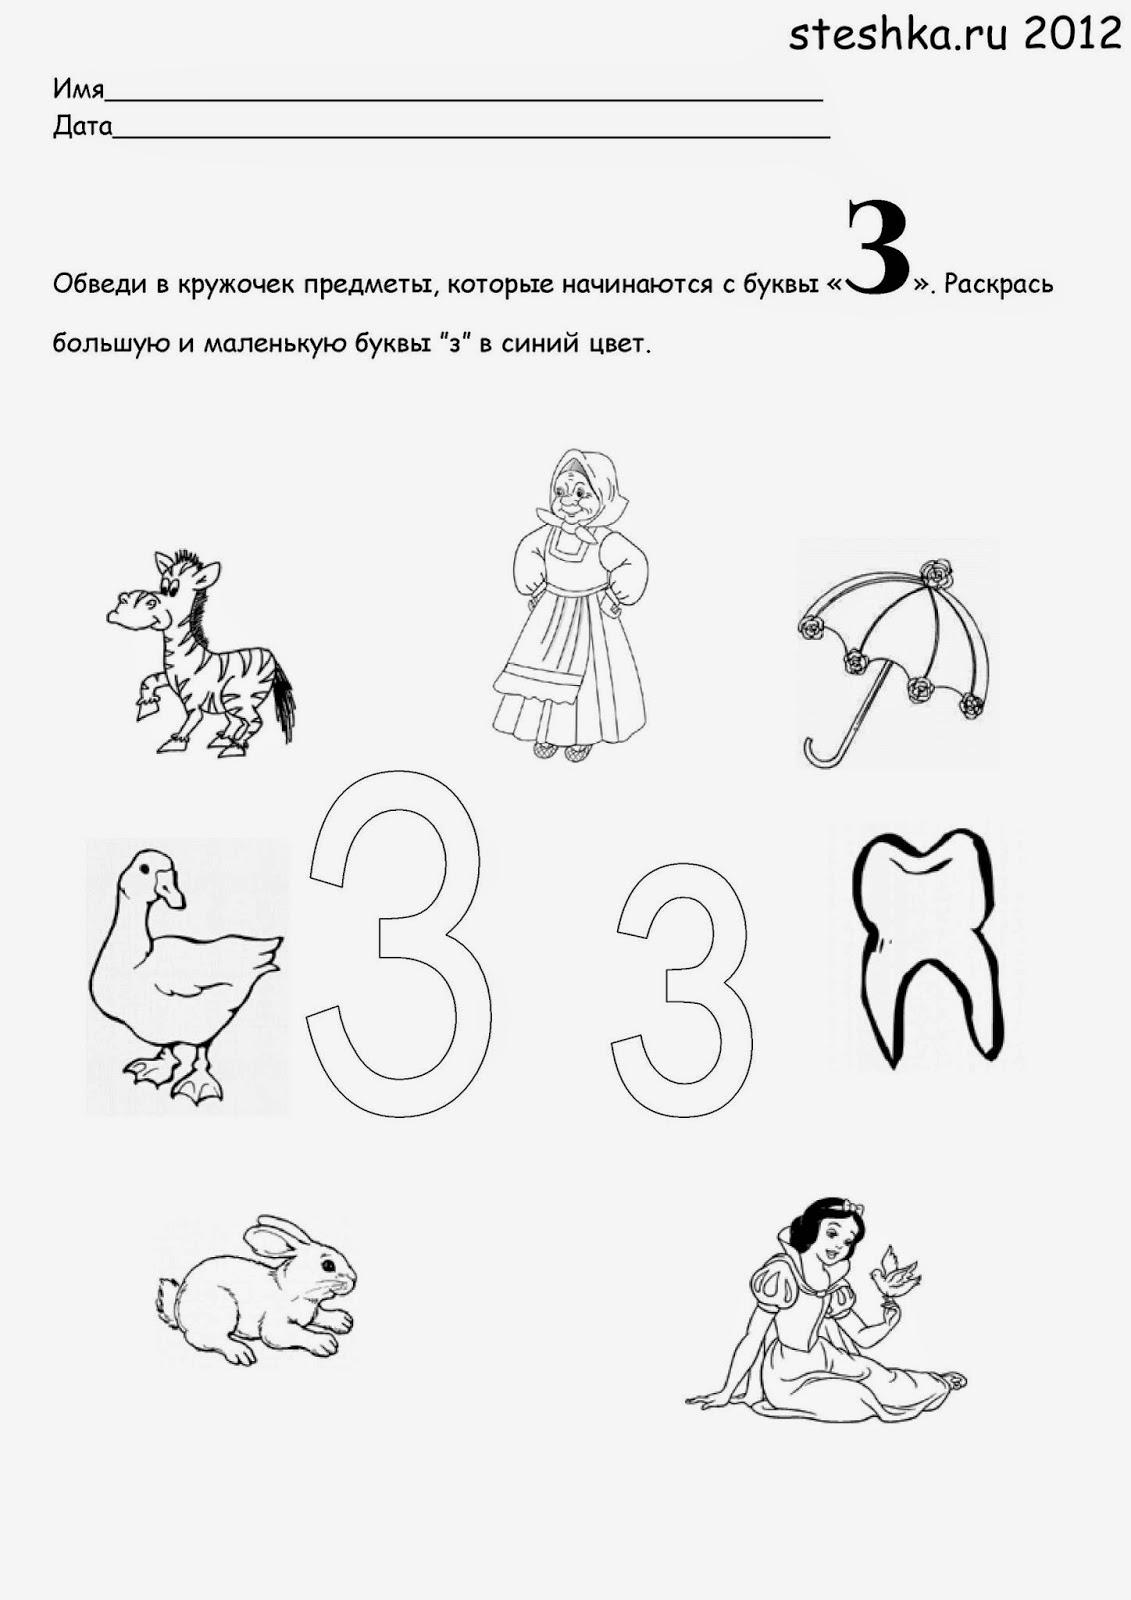 varicoză serrov)